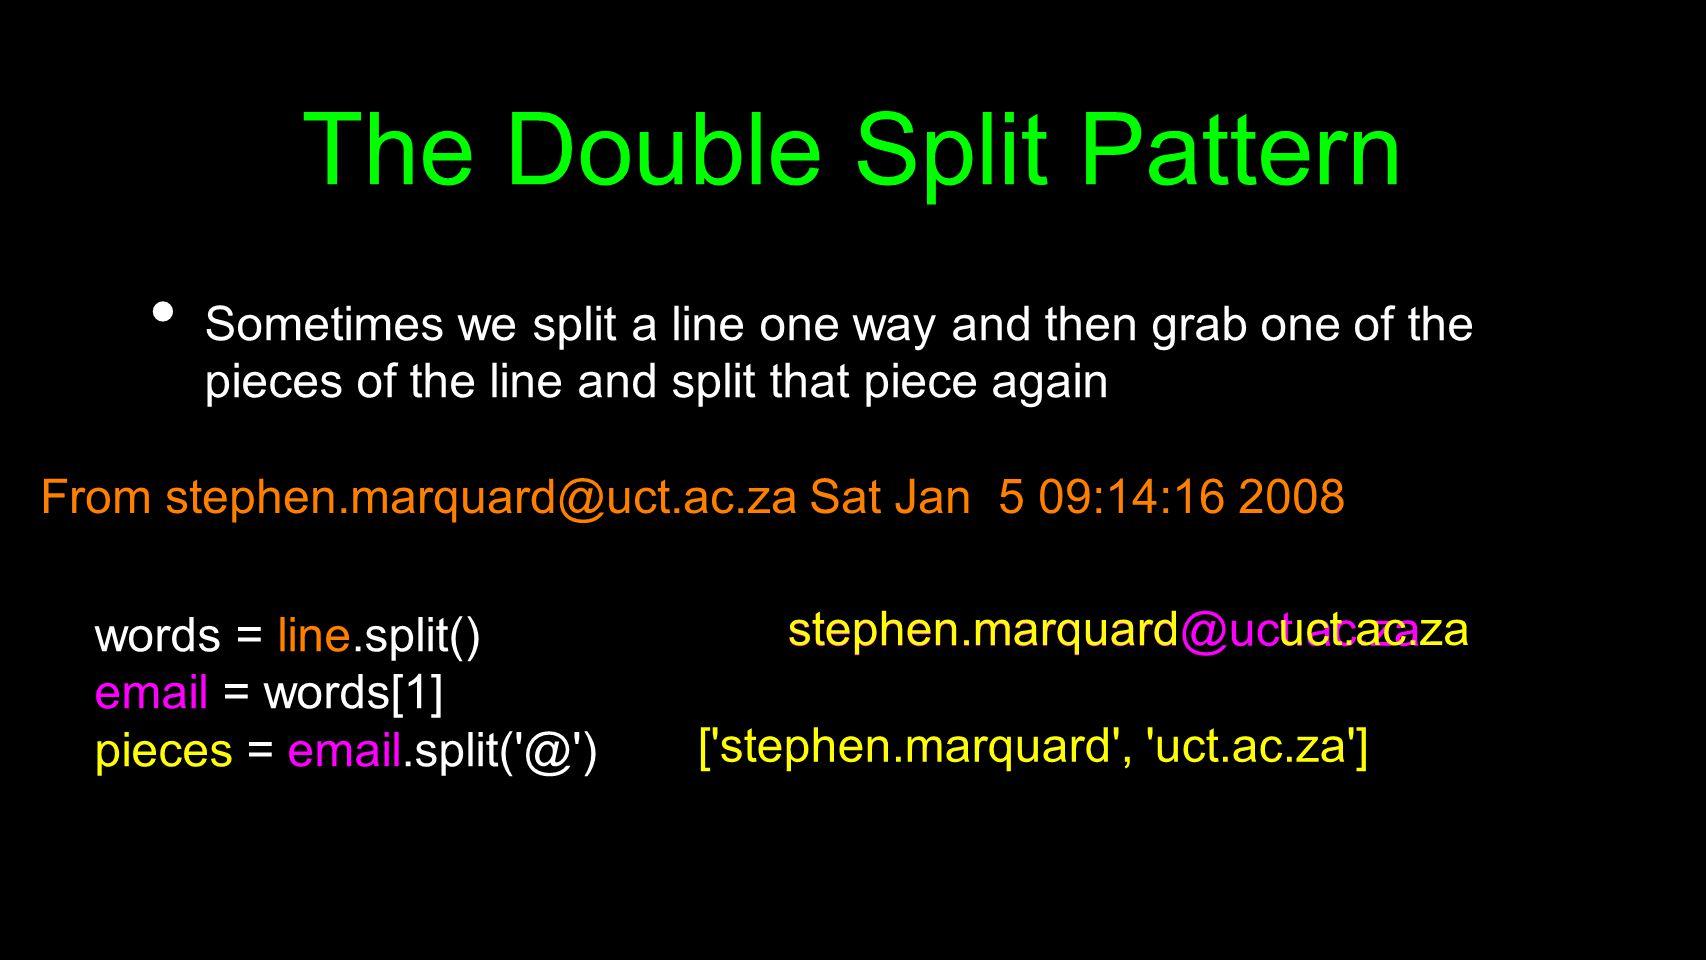 The Double Split Pattern